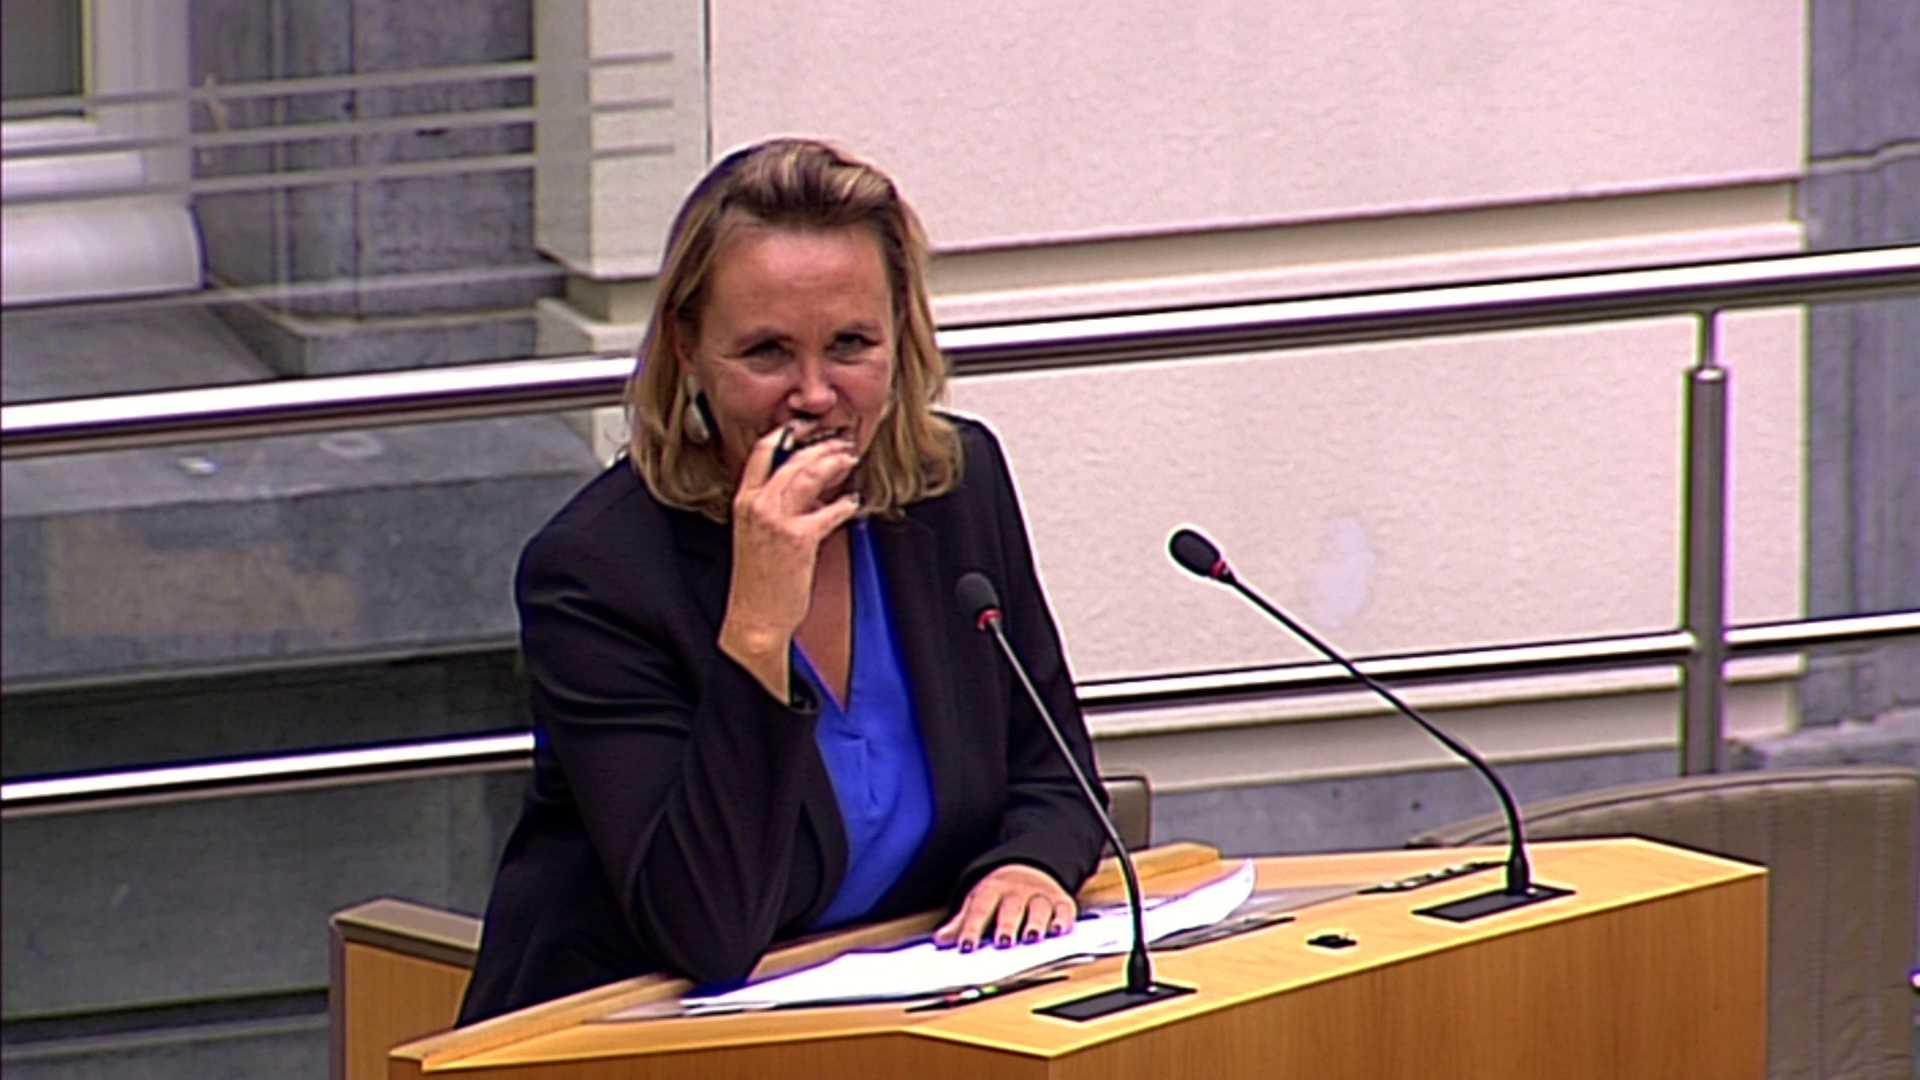 """#spraakmakers: """"Wat u zegt, vind ik hemeltergend"""" - Liesbeth Homans"""